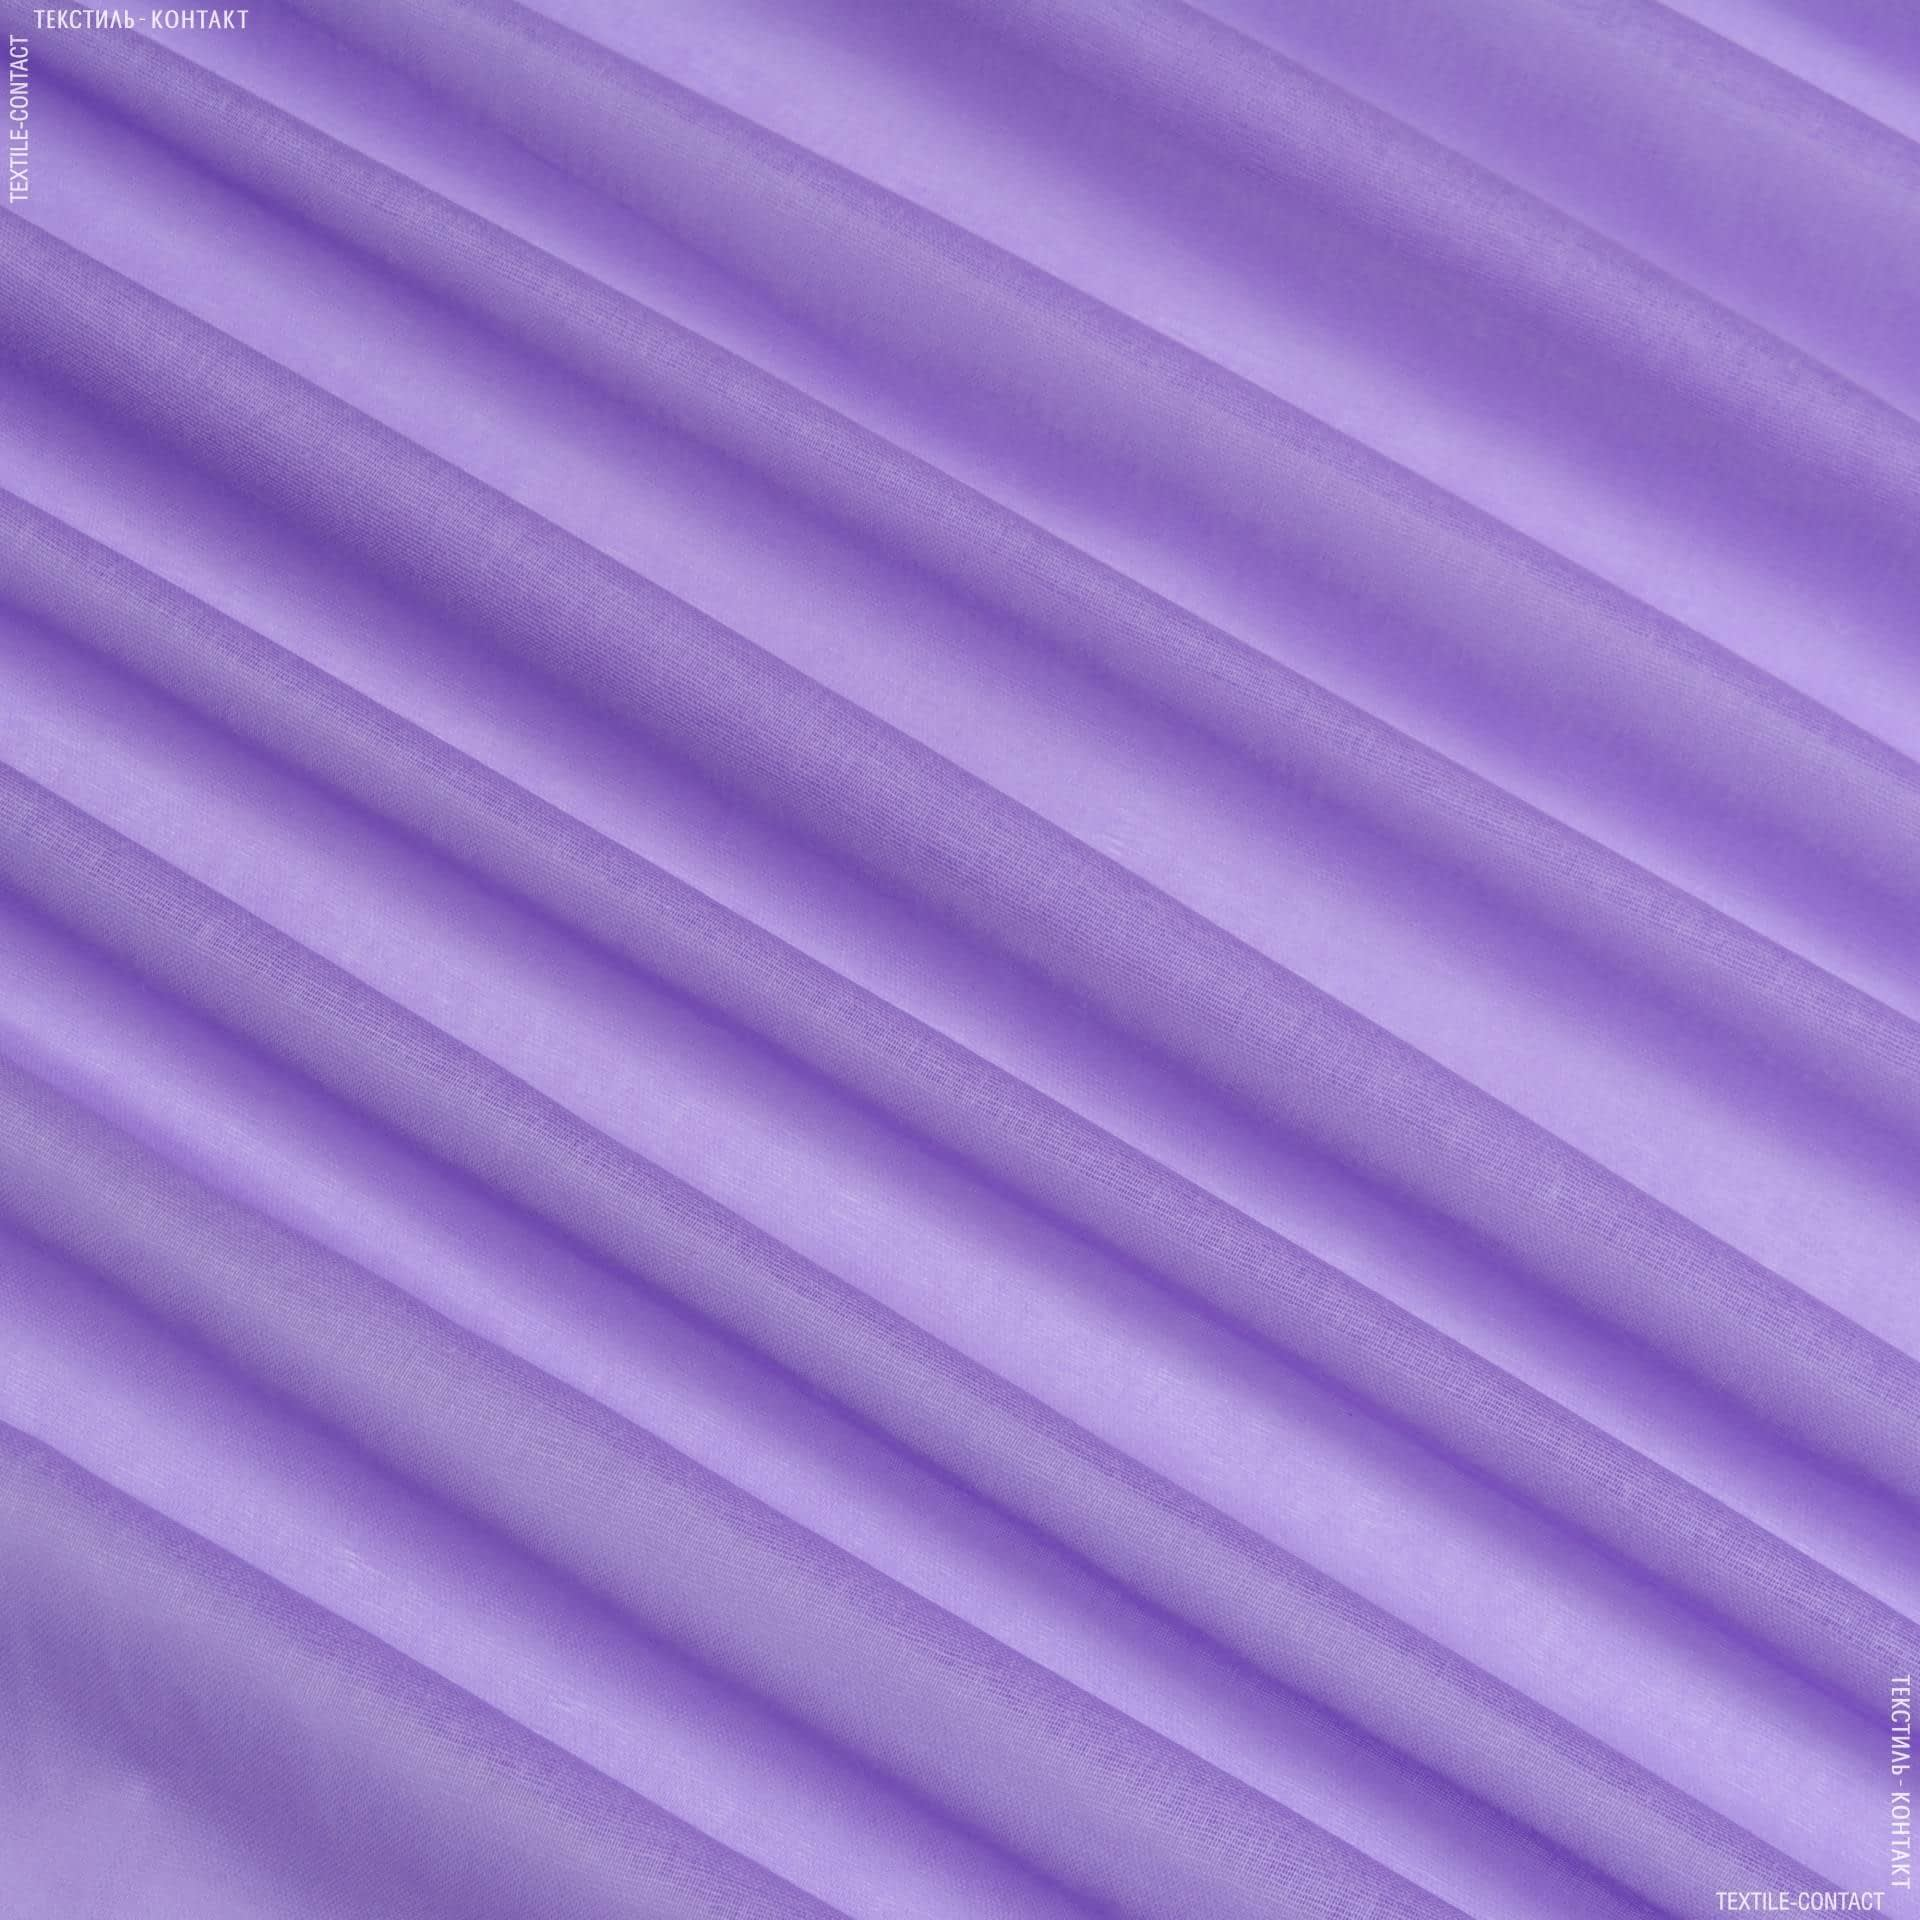 Тканини для дитячого одягу - Ситець гладкофарбований бузковий